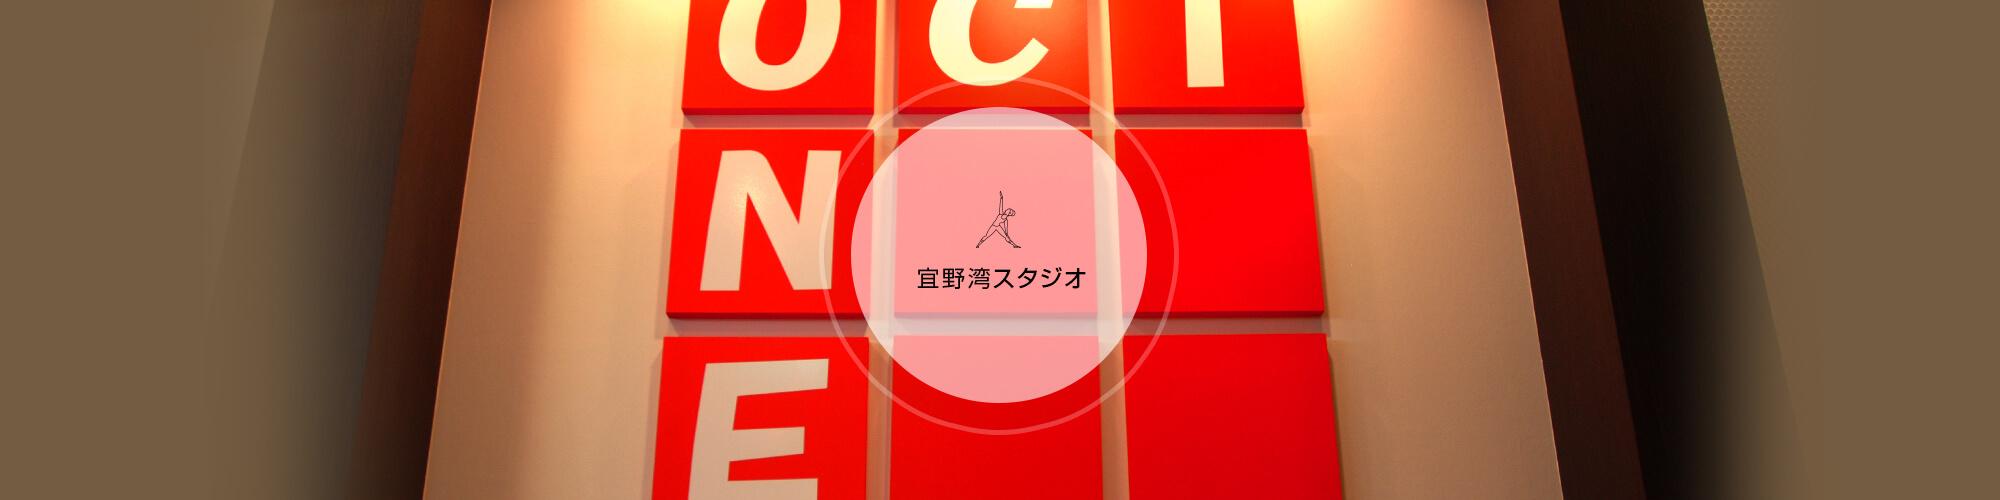 宜野湾スタジオ